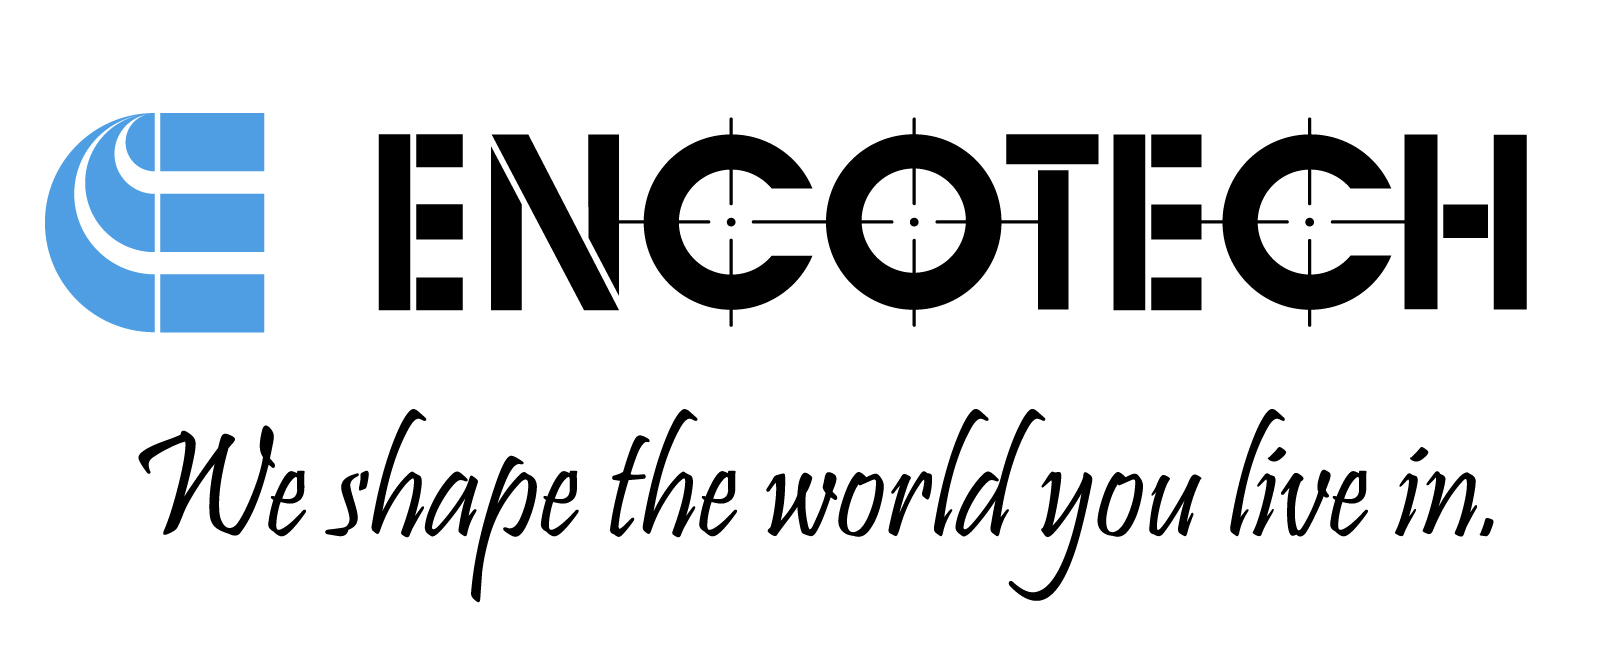 Encotech